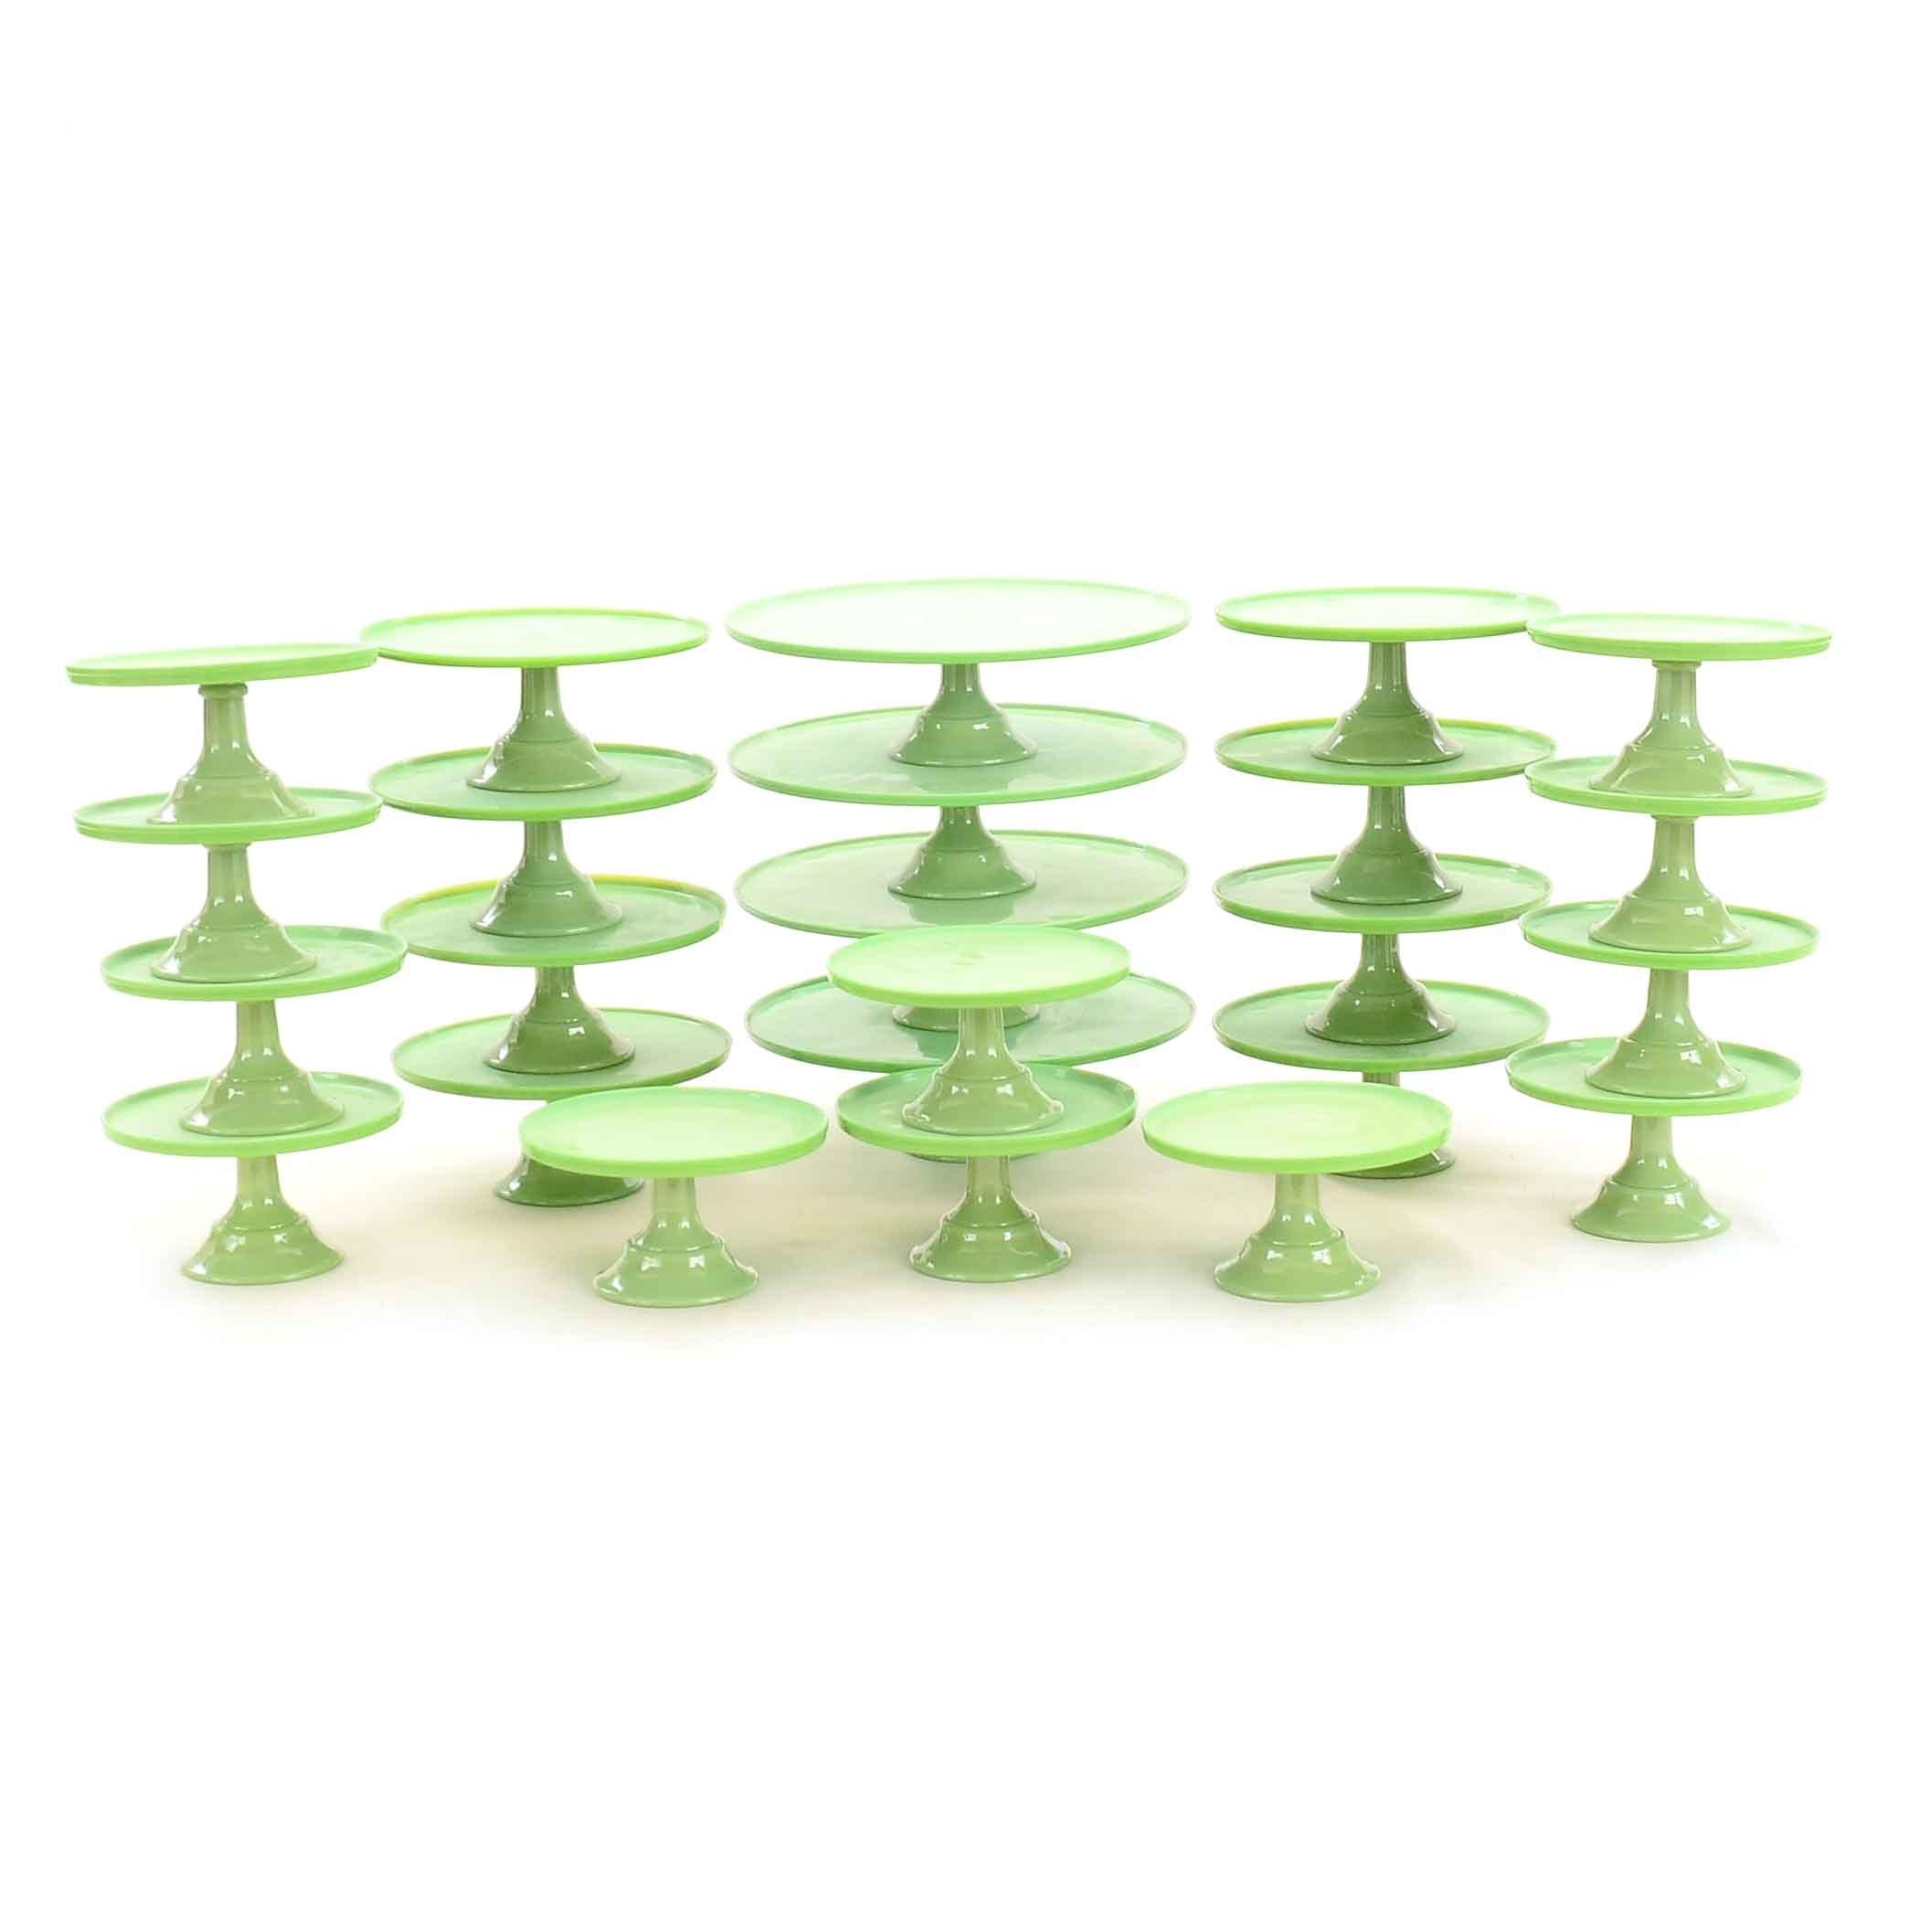 Green Milk Glass Pedestal Cake Stands